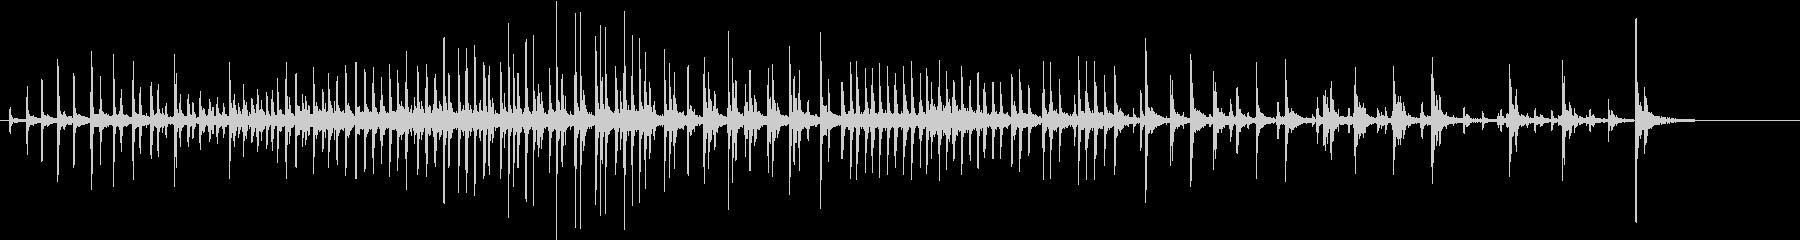 【生録音】パッケージ 開封音 13の未再生の波形